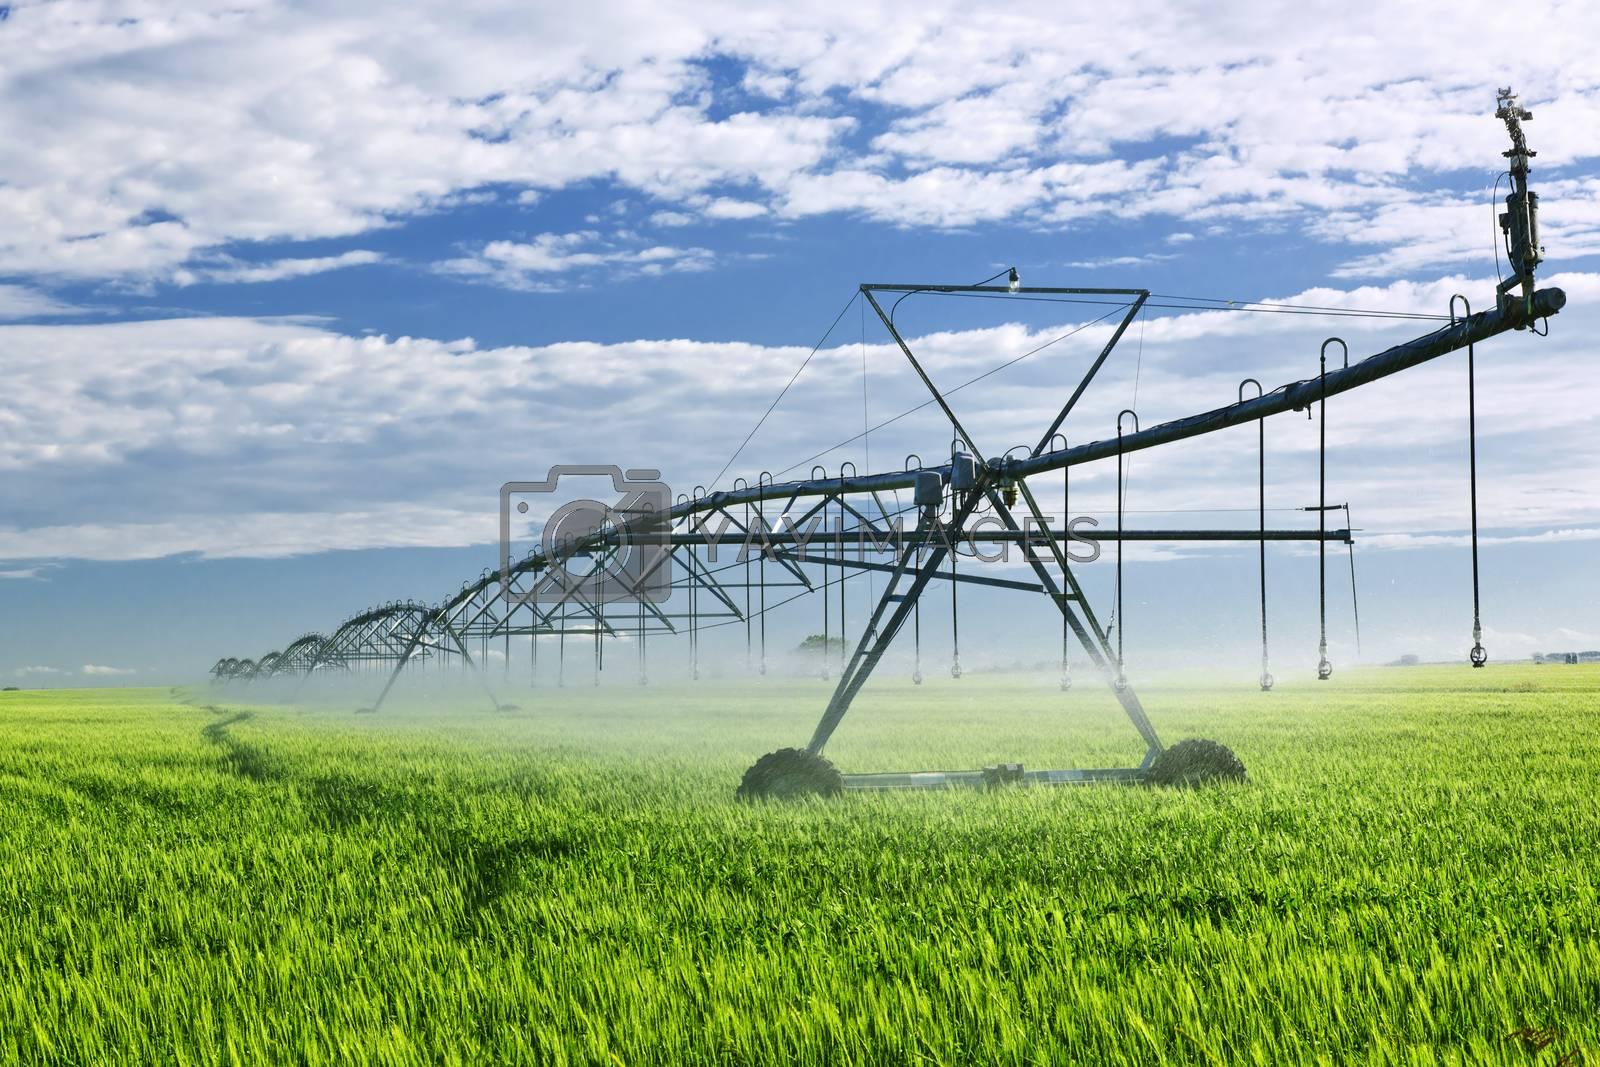 Industrial irrigation equipment on farm field in Saskatchewan, Canada